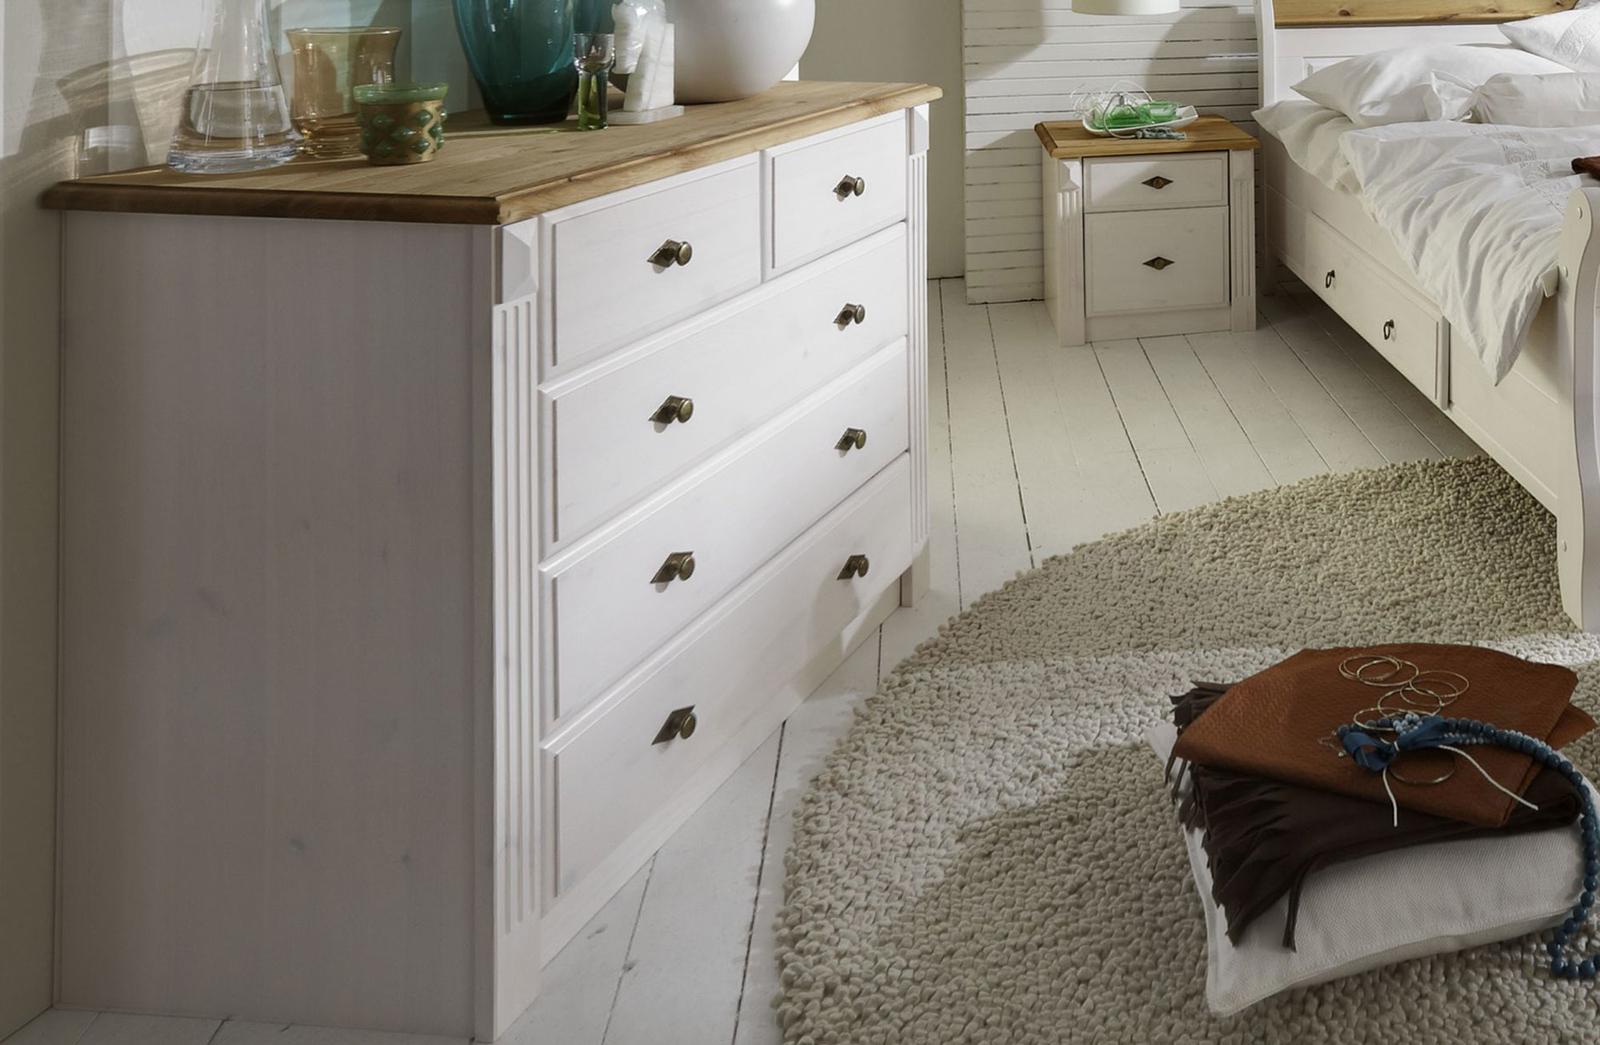 Schlafzimmer im Landhausstil Eva weiß gelaugt geölt, Bild 7